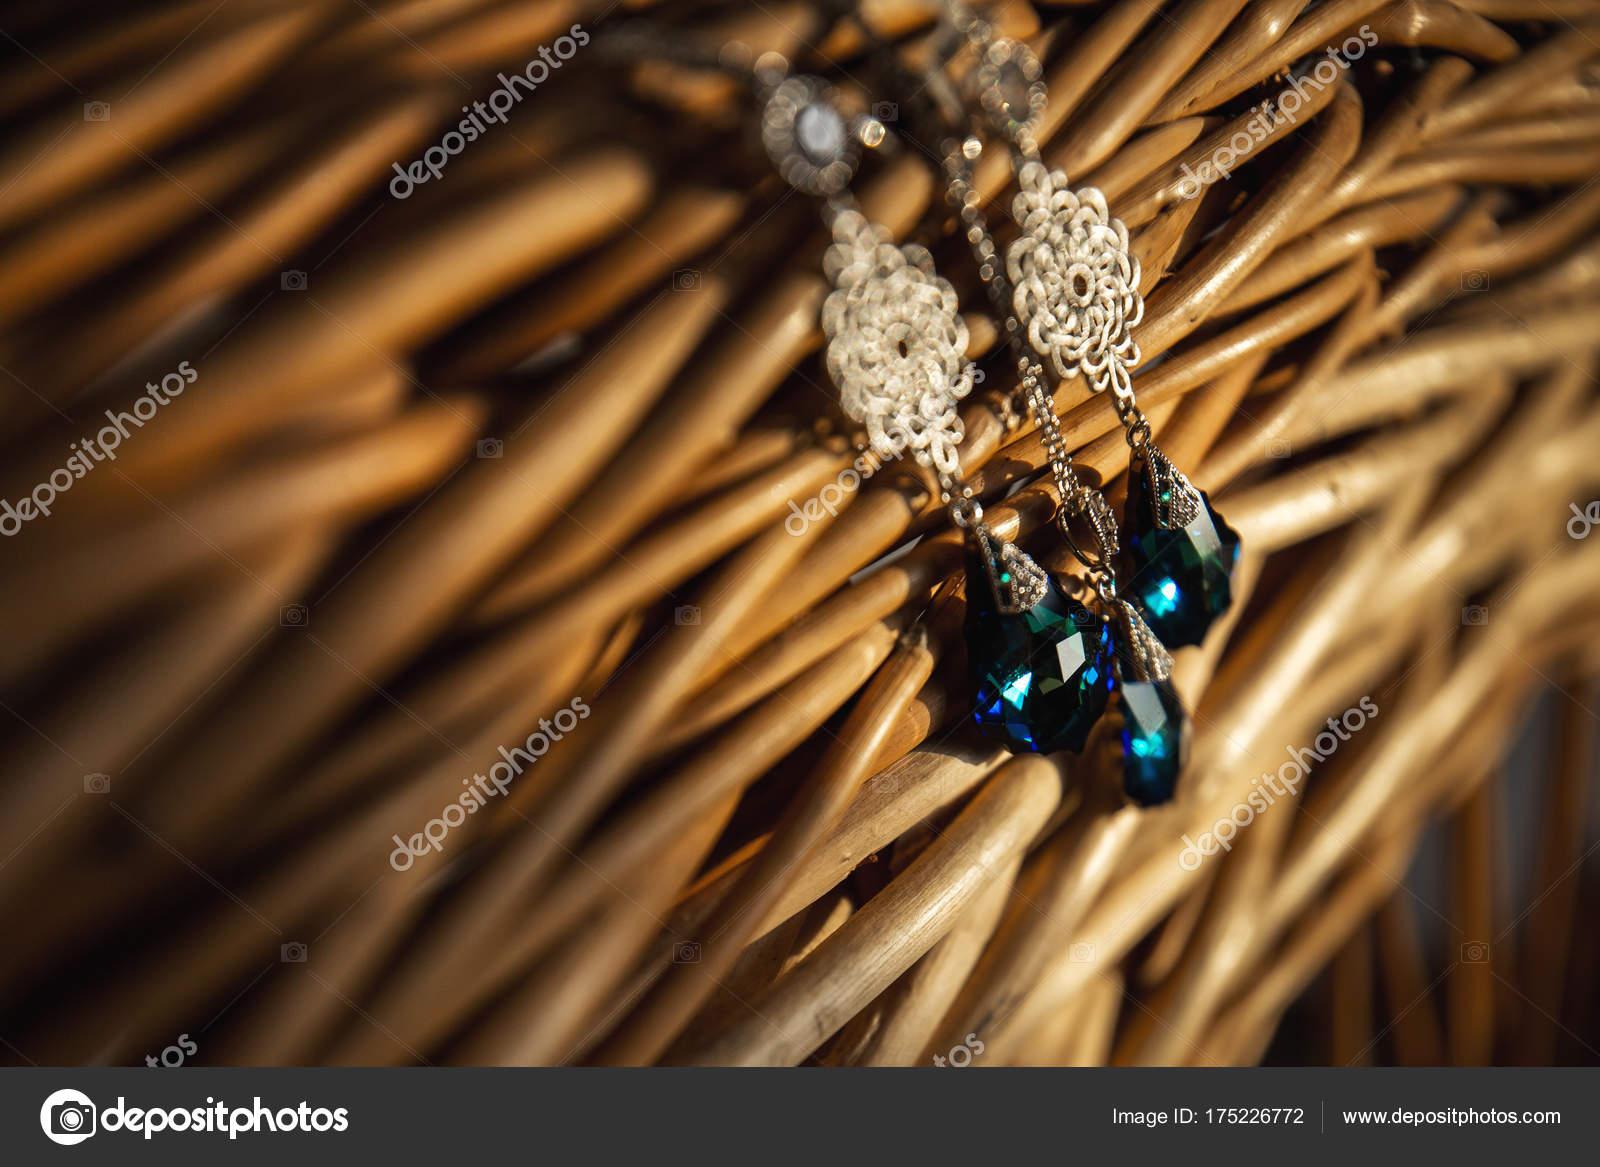 8362f69f00dc Кулон ожерелье и серьги комплект ювелирных изделий на соломенных поддержки. Украшения  ручной работы из полимерной